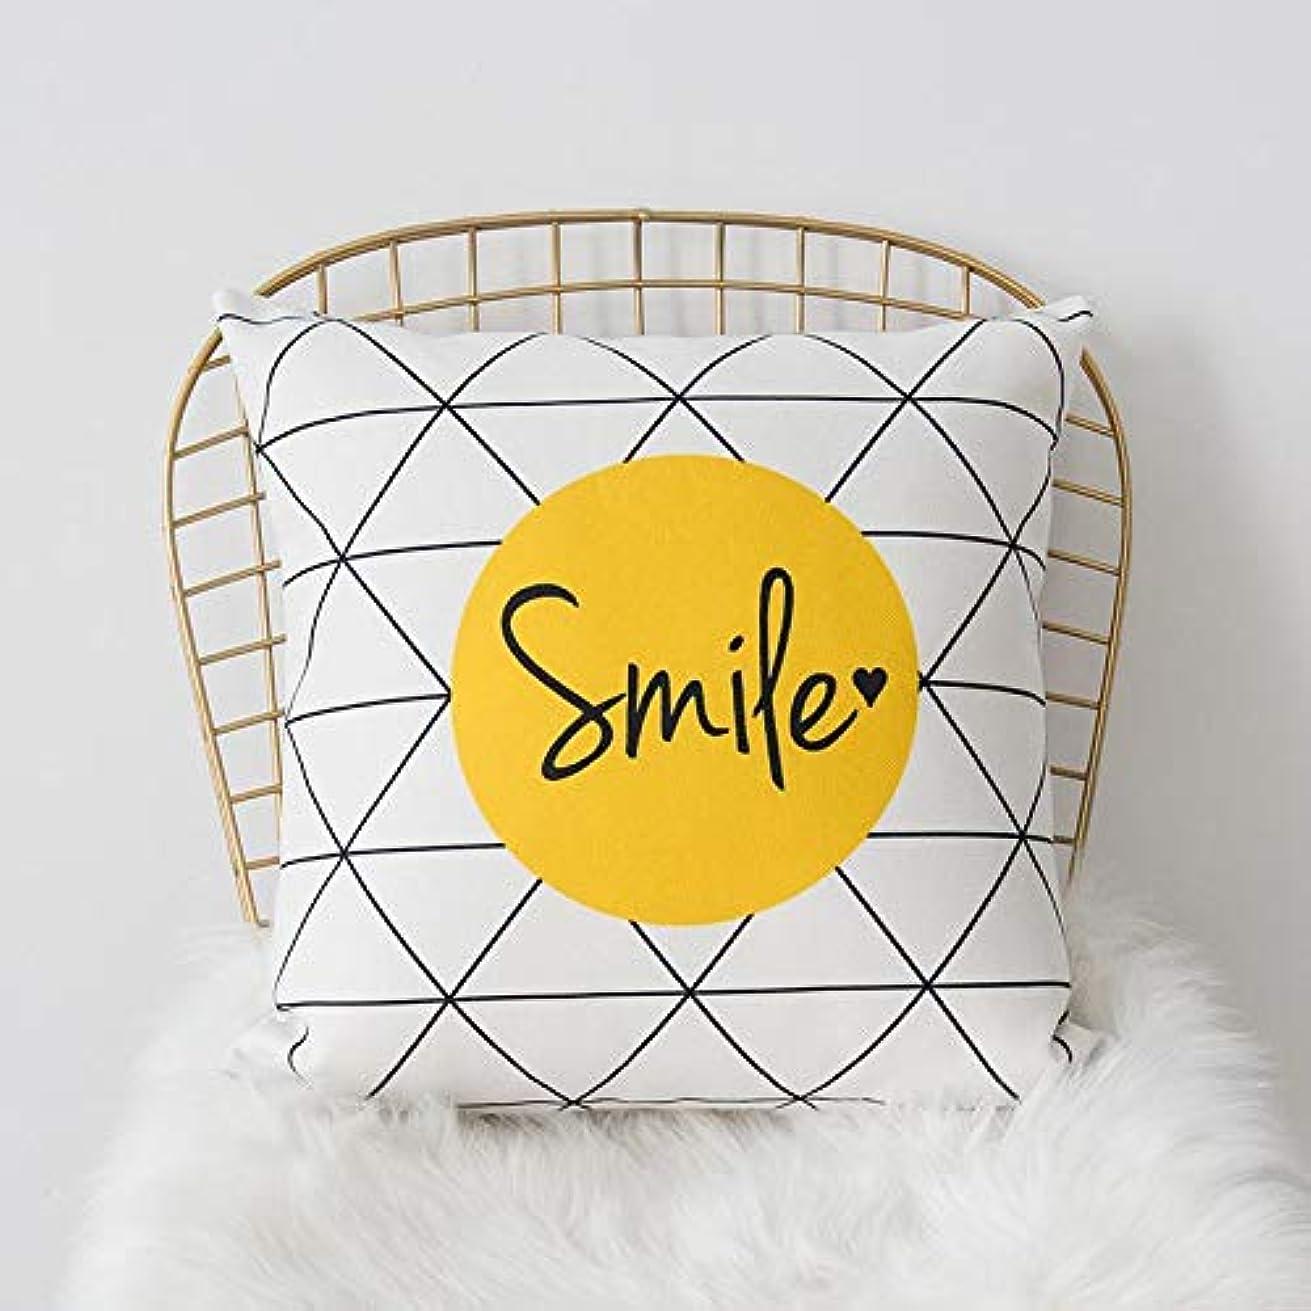 願うライラック欠かせないLIFE 黄色グレー枕北欧スタイル黄色ヘラジカ幾何枕リビングルームのインテリアソファクッション Cojines 装飾良質 クッション 椅子